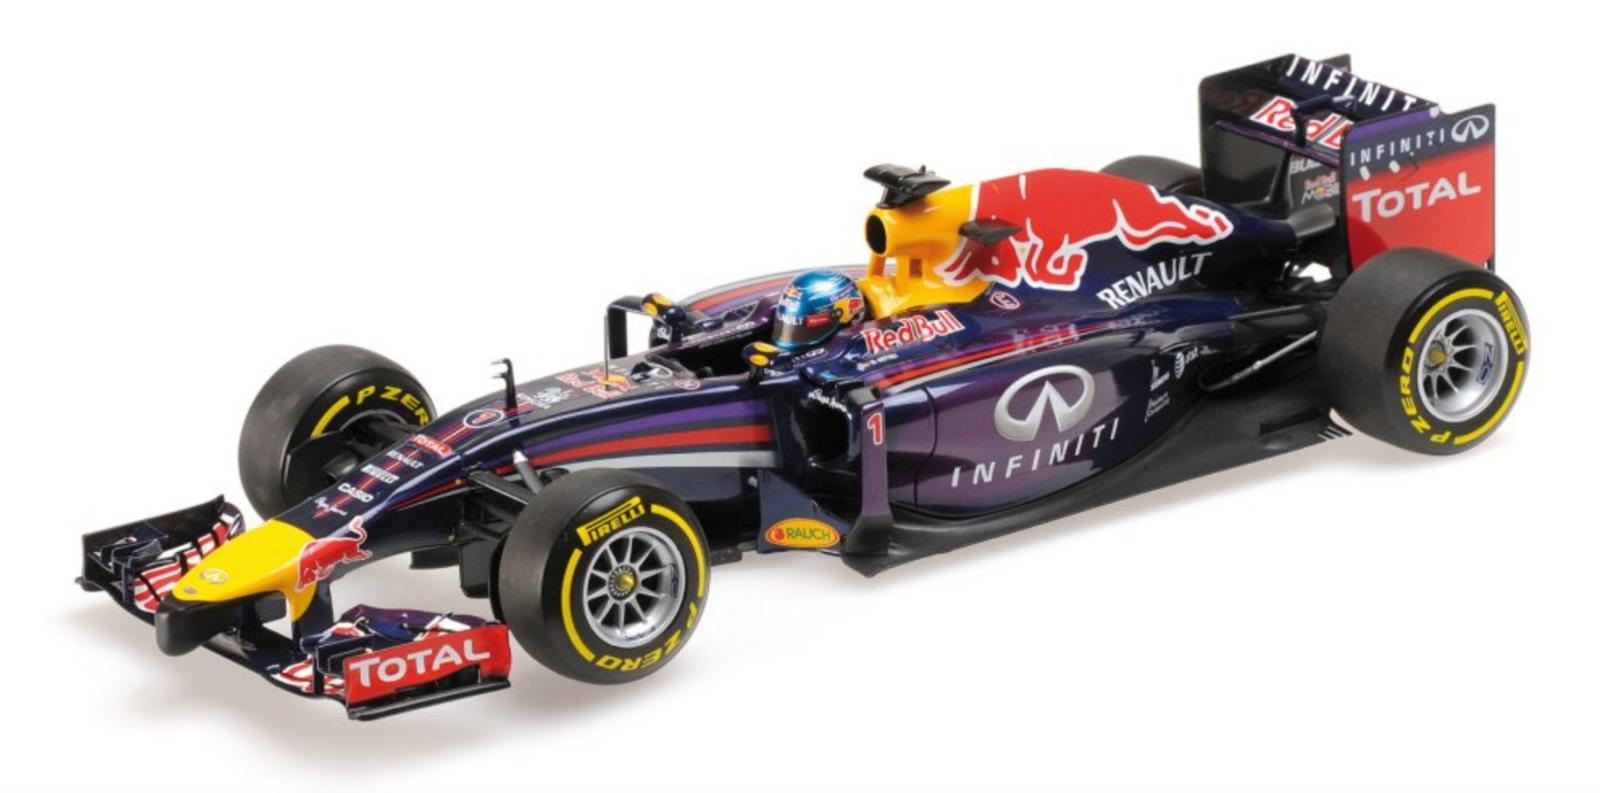 1 18 rouge Bull Renault RB10 Vettel 2014 1 18 • Minichamps 110140001